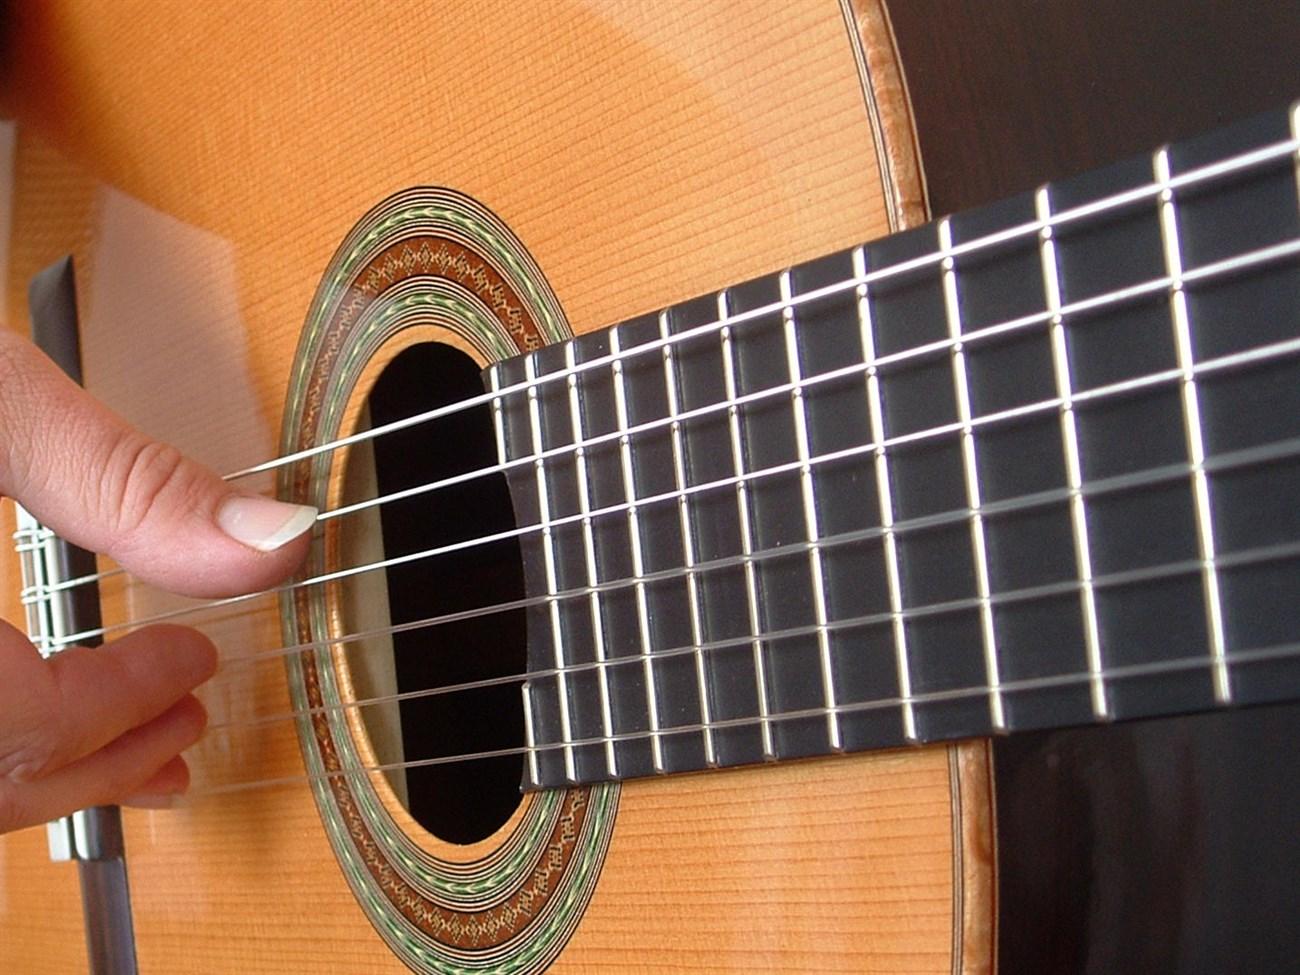 Bí quyết nâng cao khả năng chơi đàn guitar 2